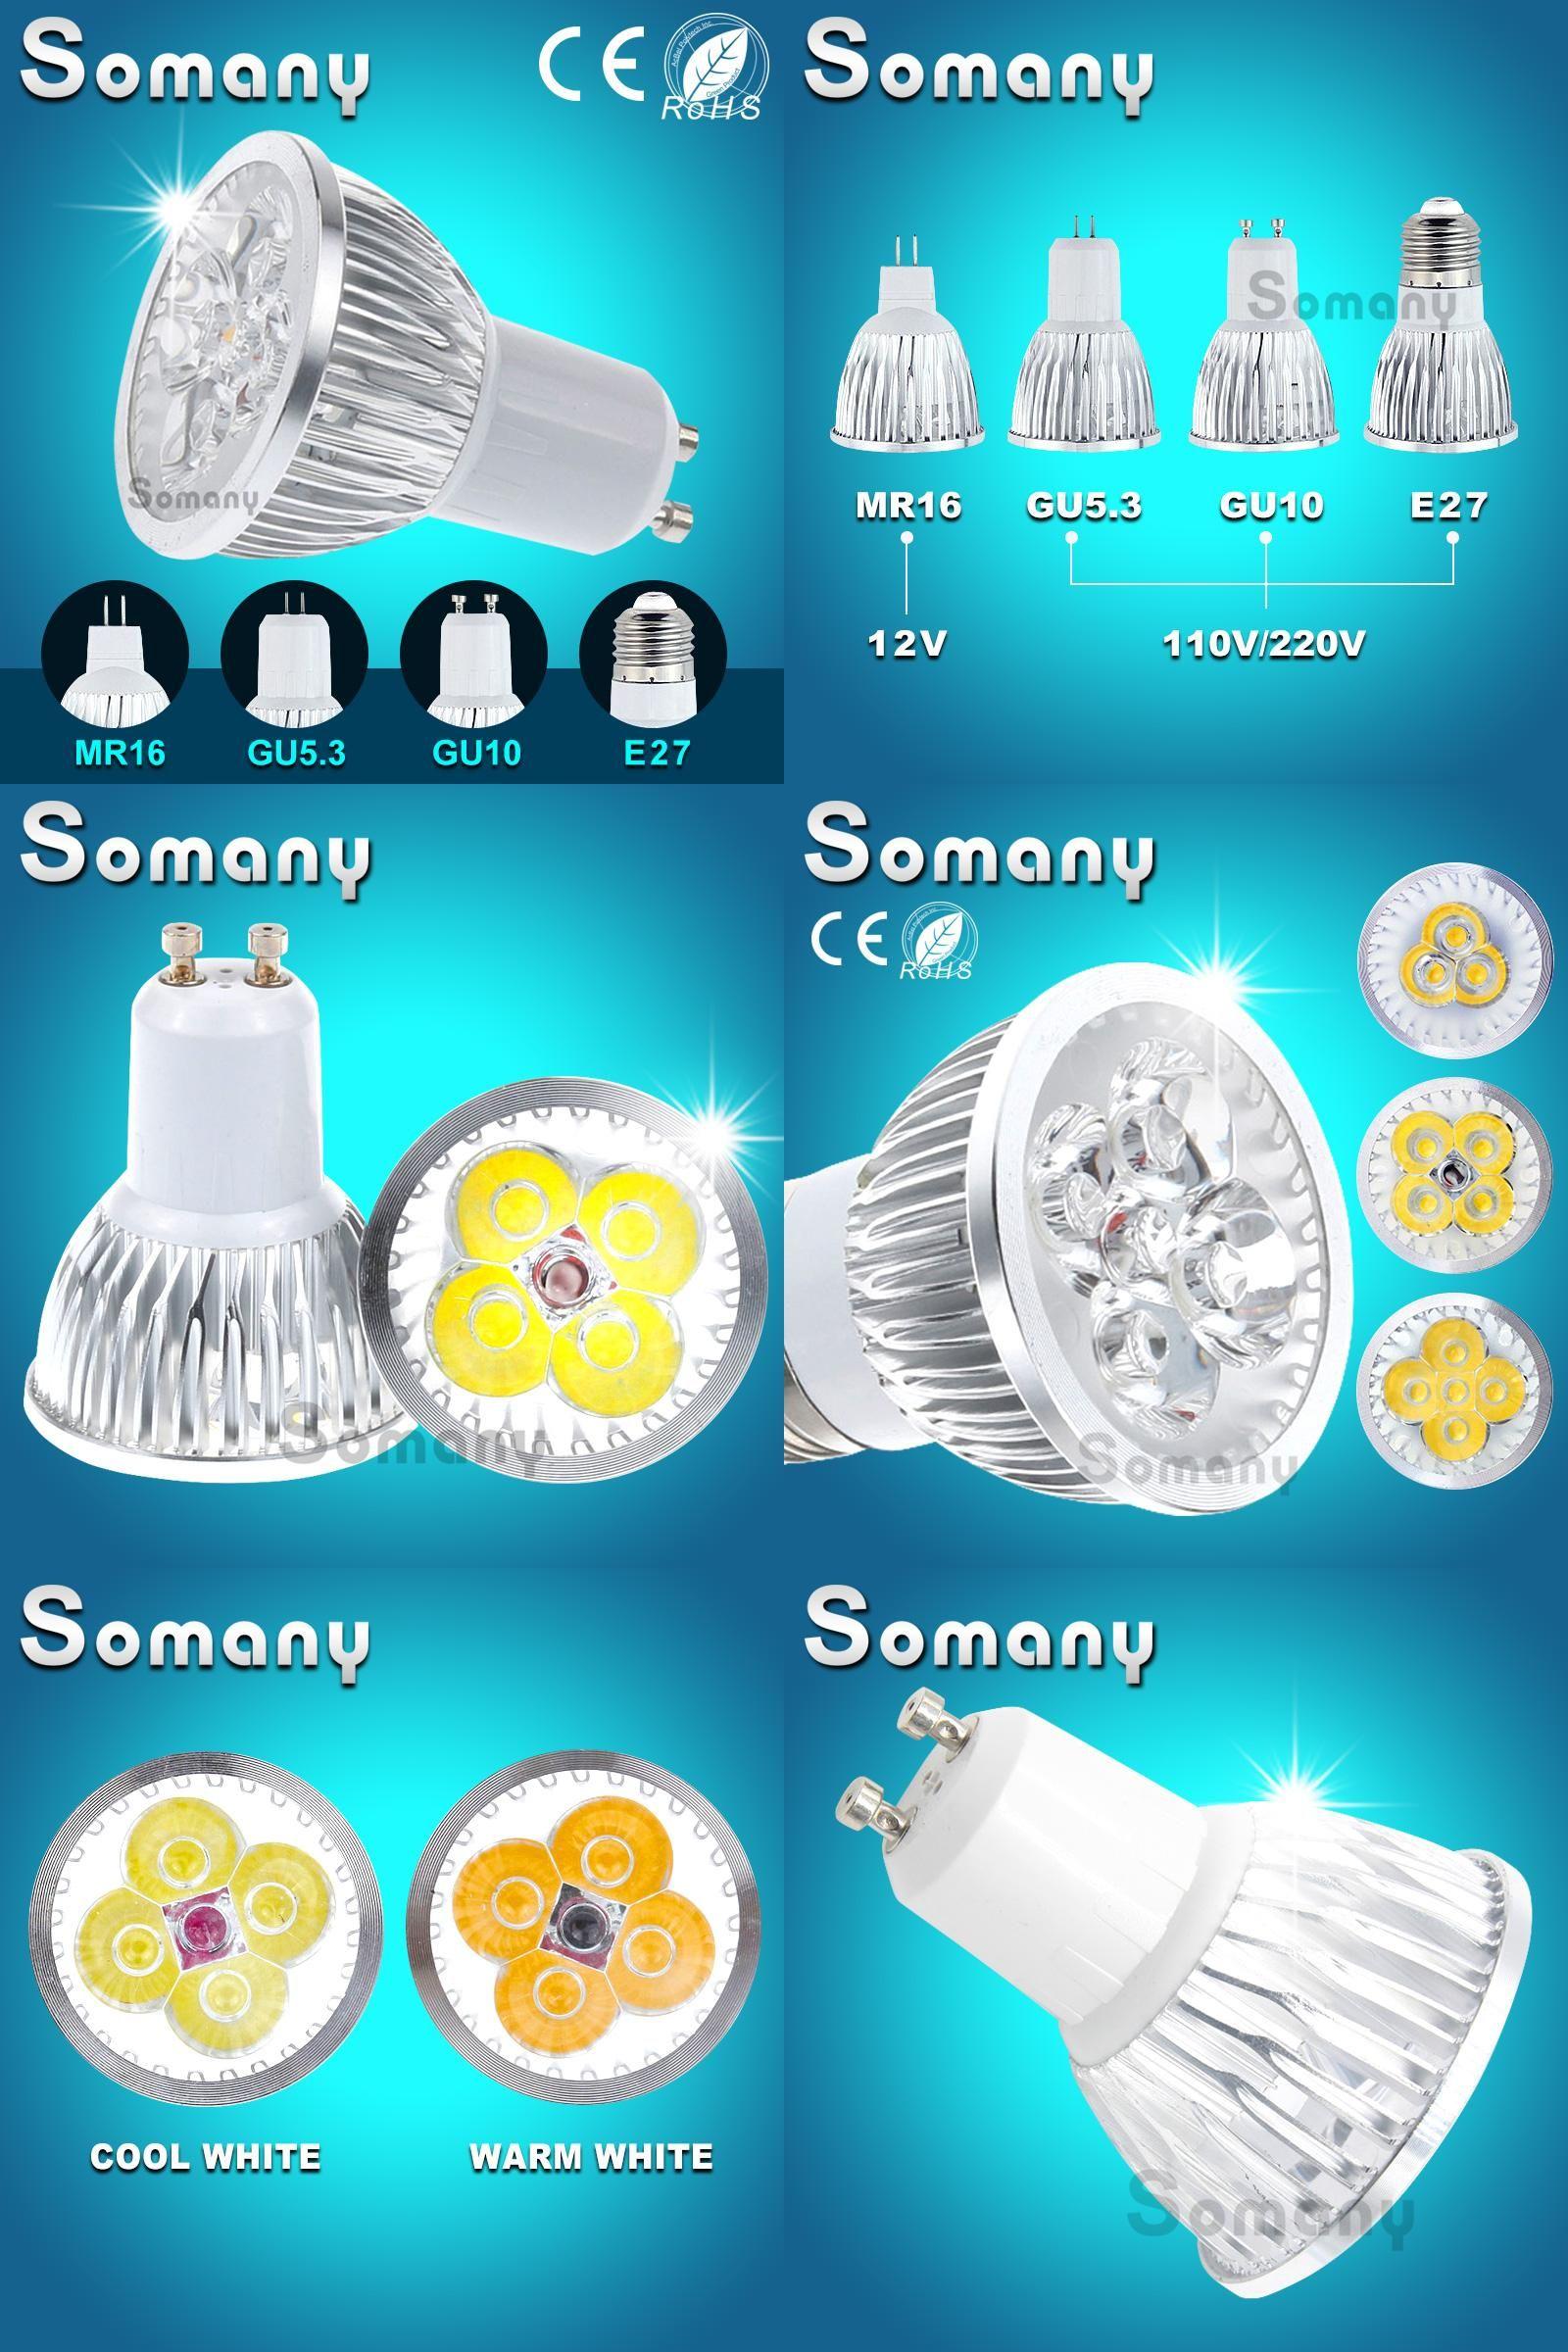 Visit To Buy Gu10 Gu5 3 E27 220v 110v Support Dimmer 3 15w